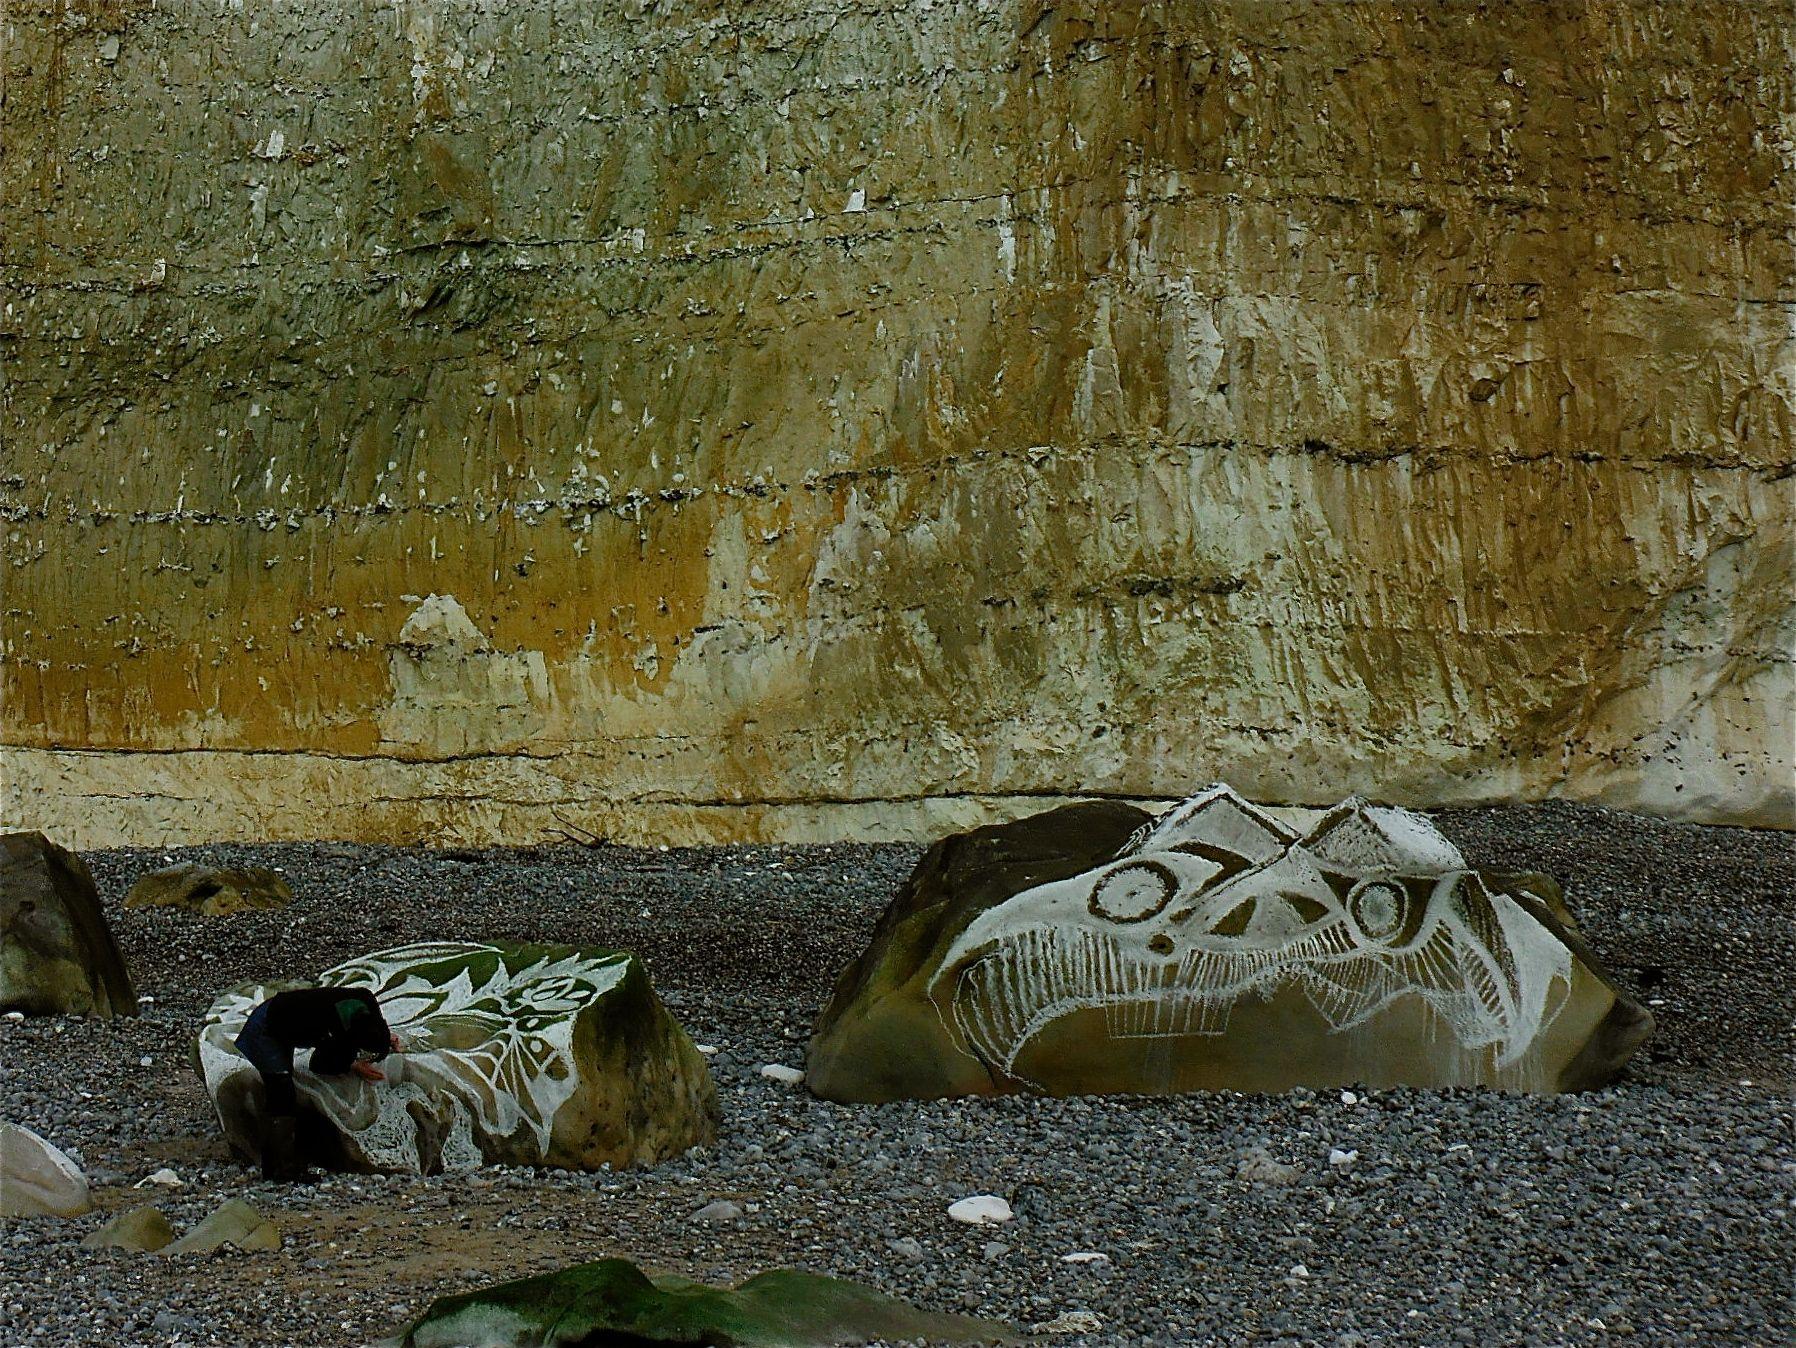 Strandwerken #kinderenvancalais. www.wpg.be/blog/hoog-ver-en-diep